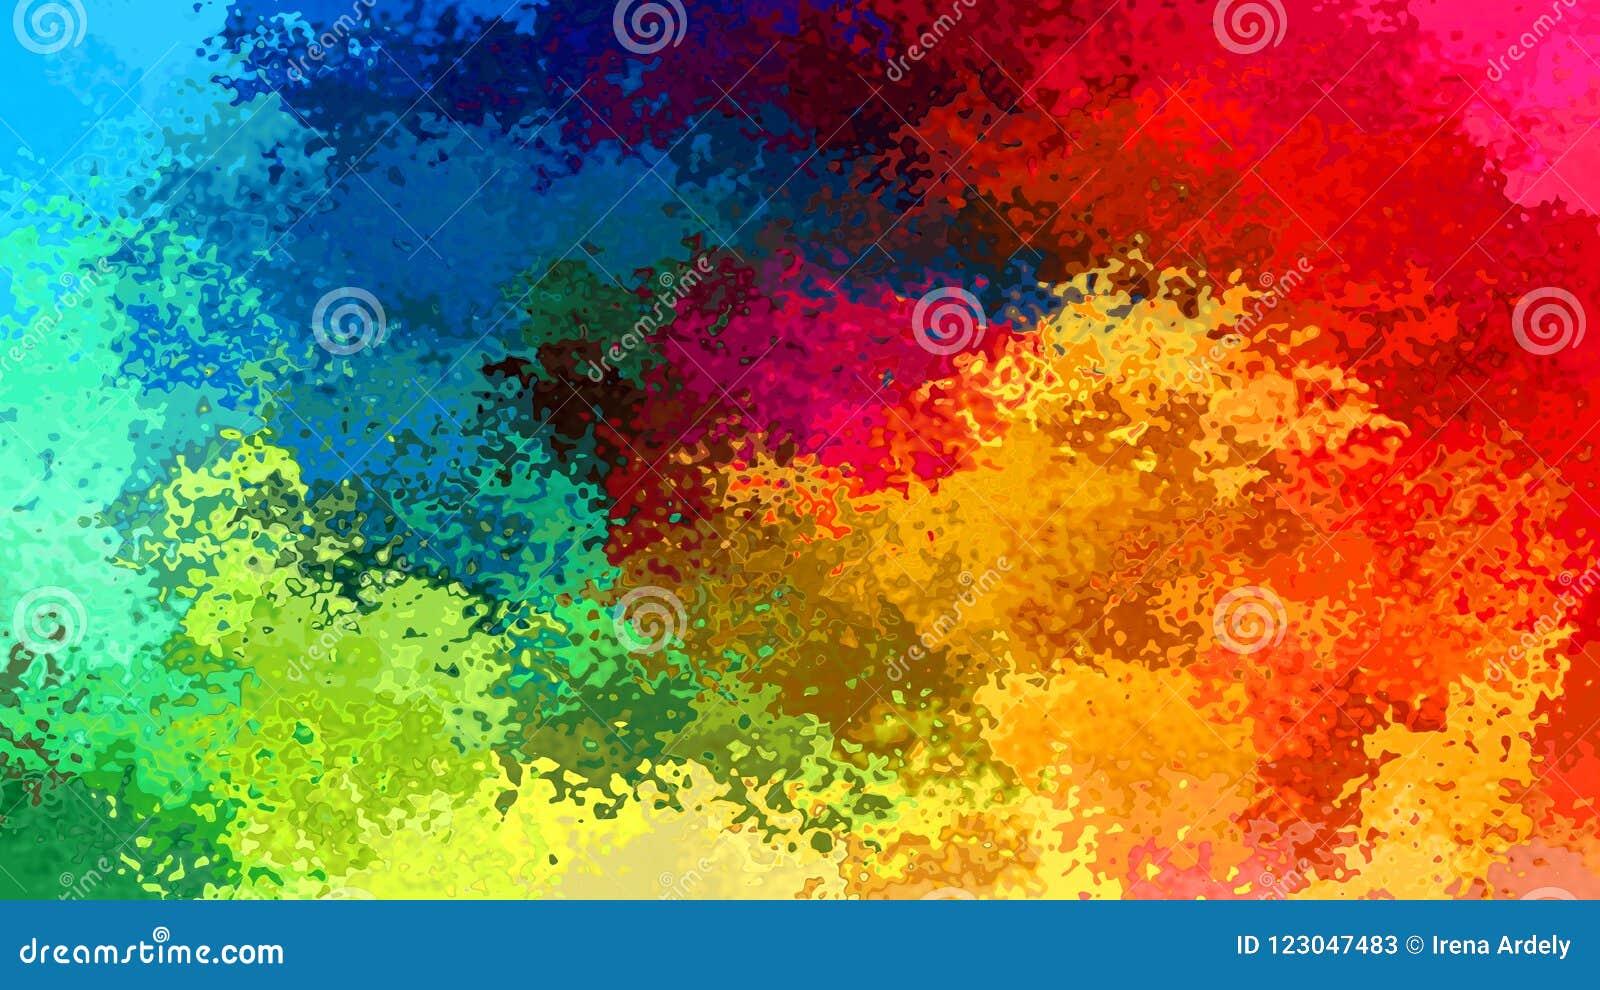 Abstraia o arco-íris manchado do espectro de cor completa do fundo do retângulo do teste padrão - arte moderna da pintura - efeit